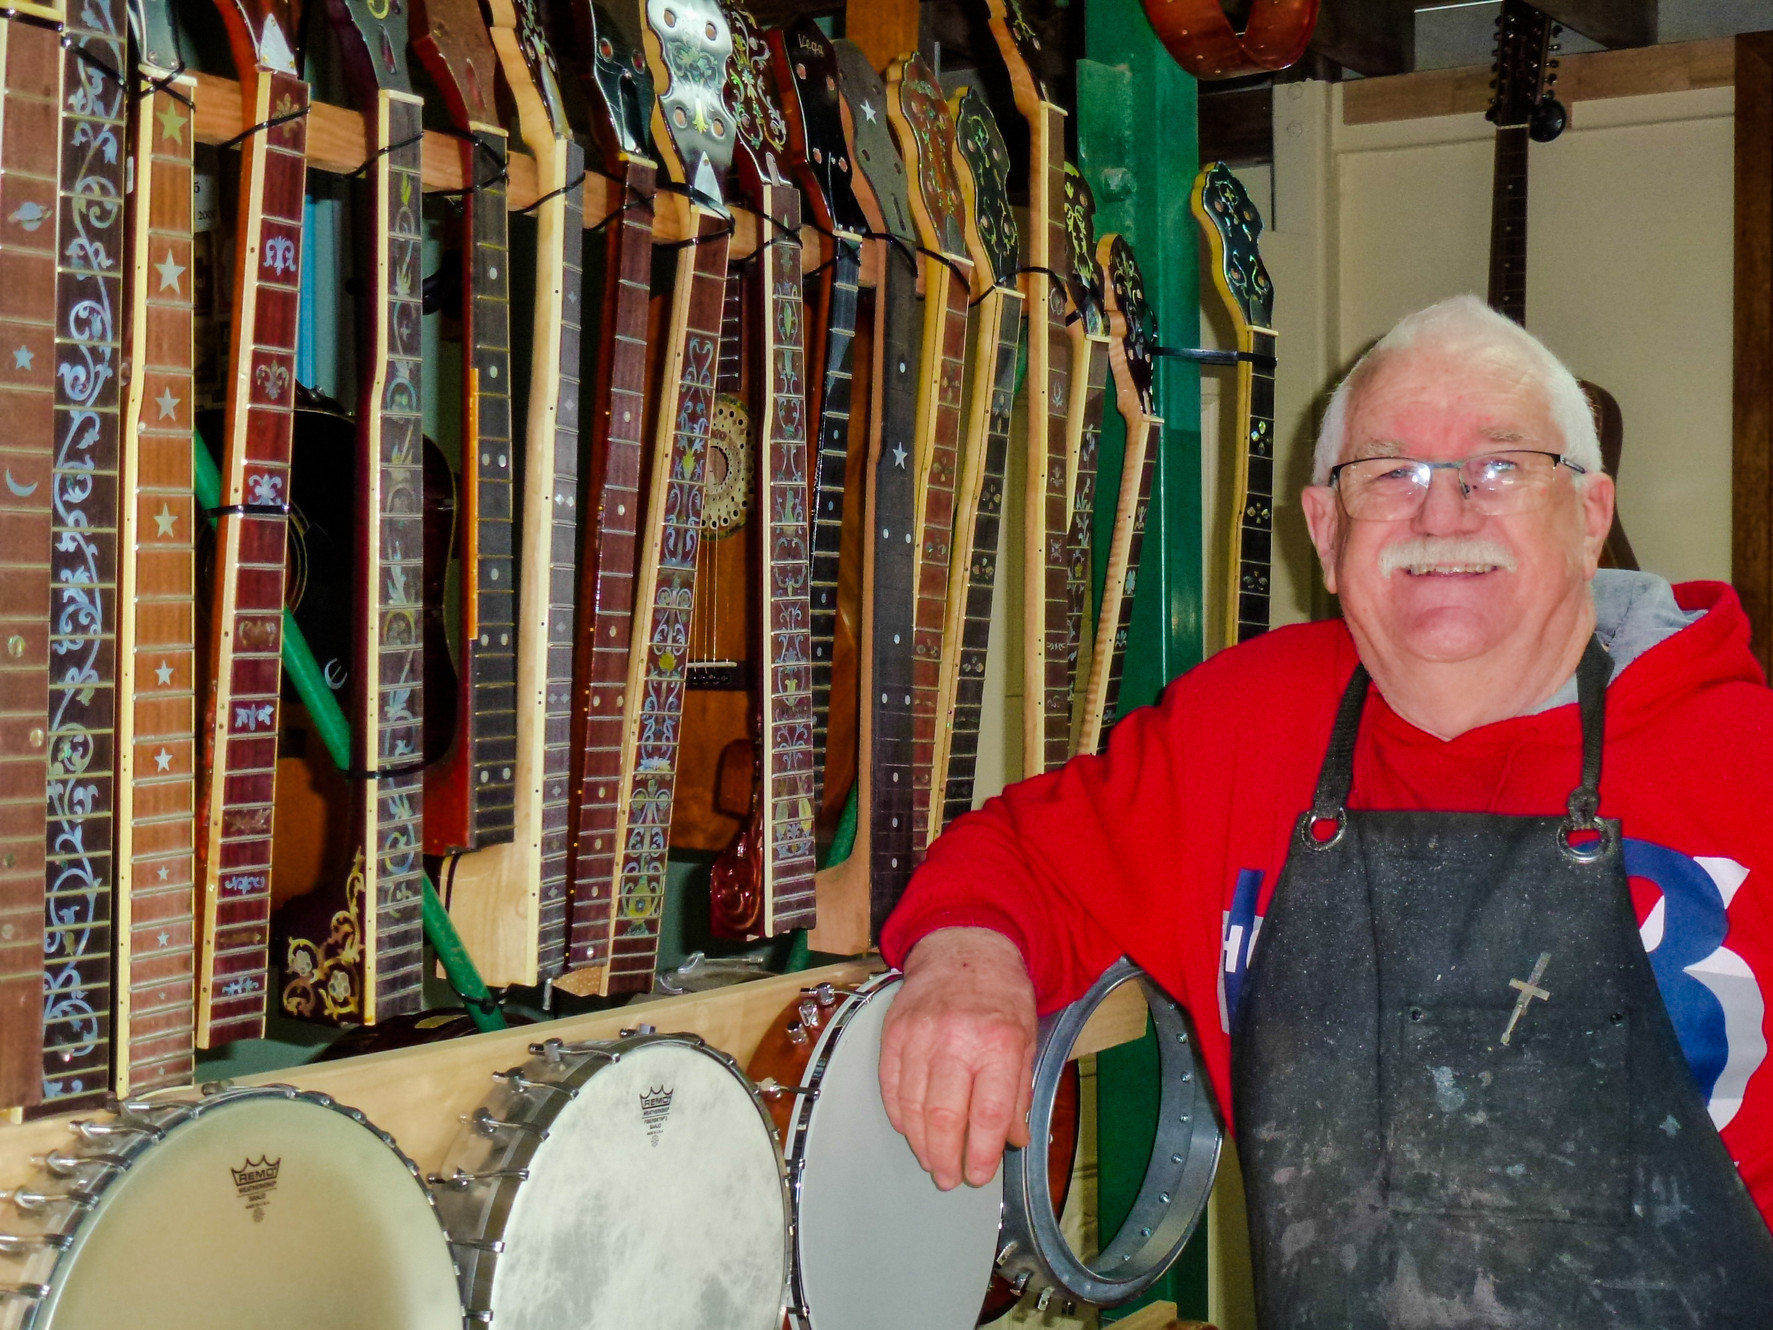 banjos guitars brisbane australia. Black Bedroom Furniture Sets. Home Design Ideas